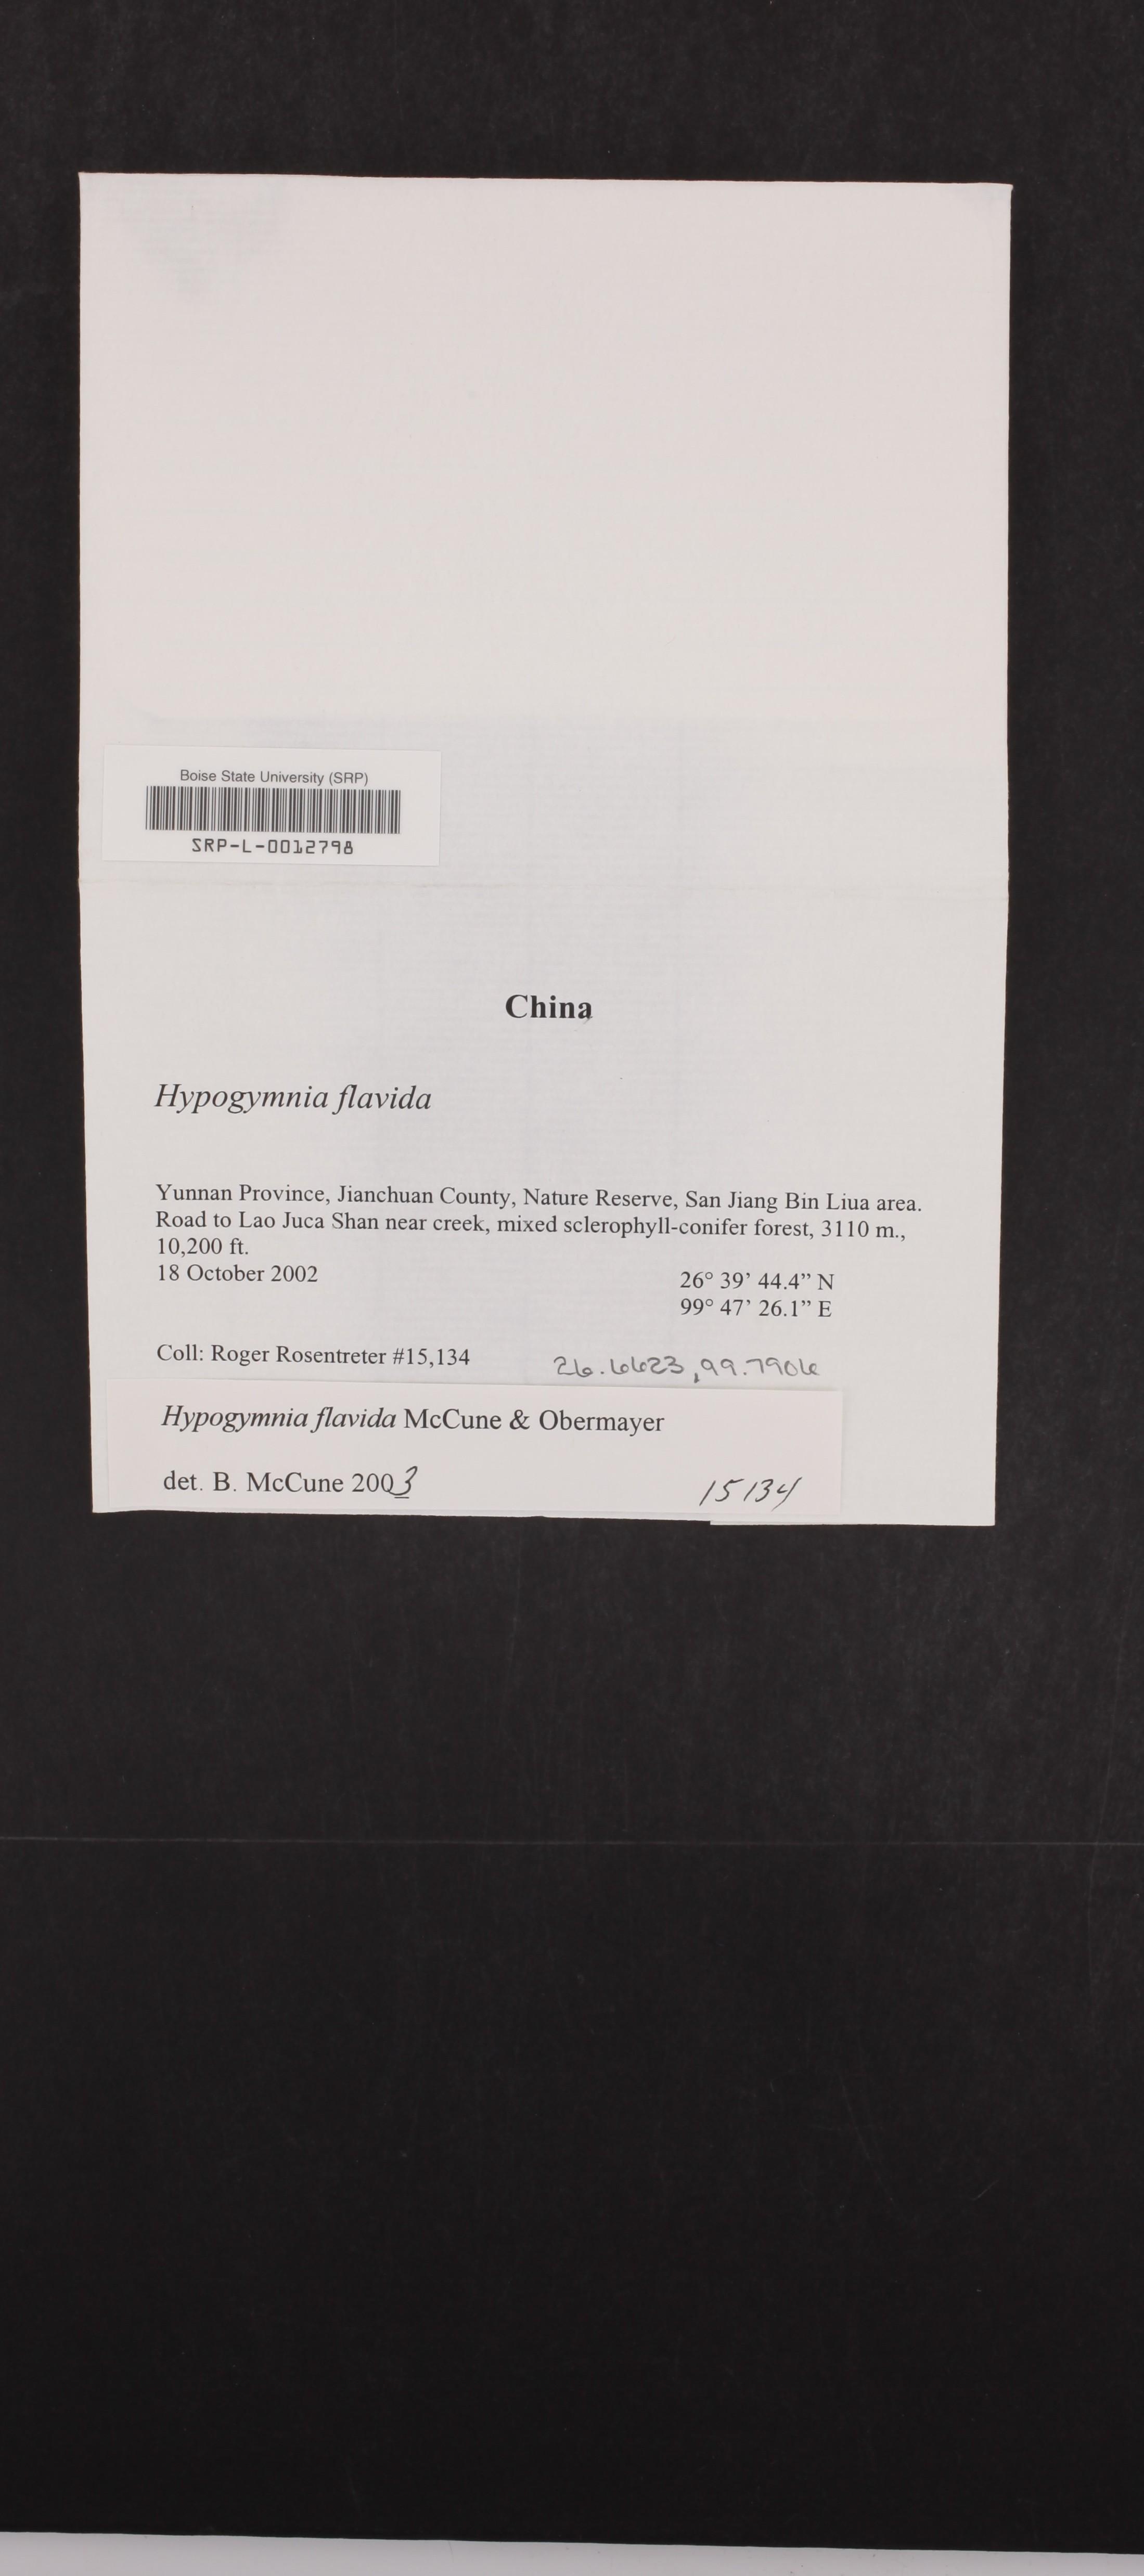 Hypogymnia flavida image